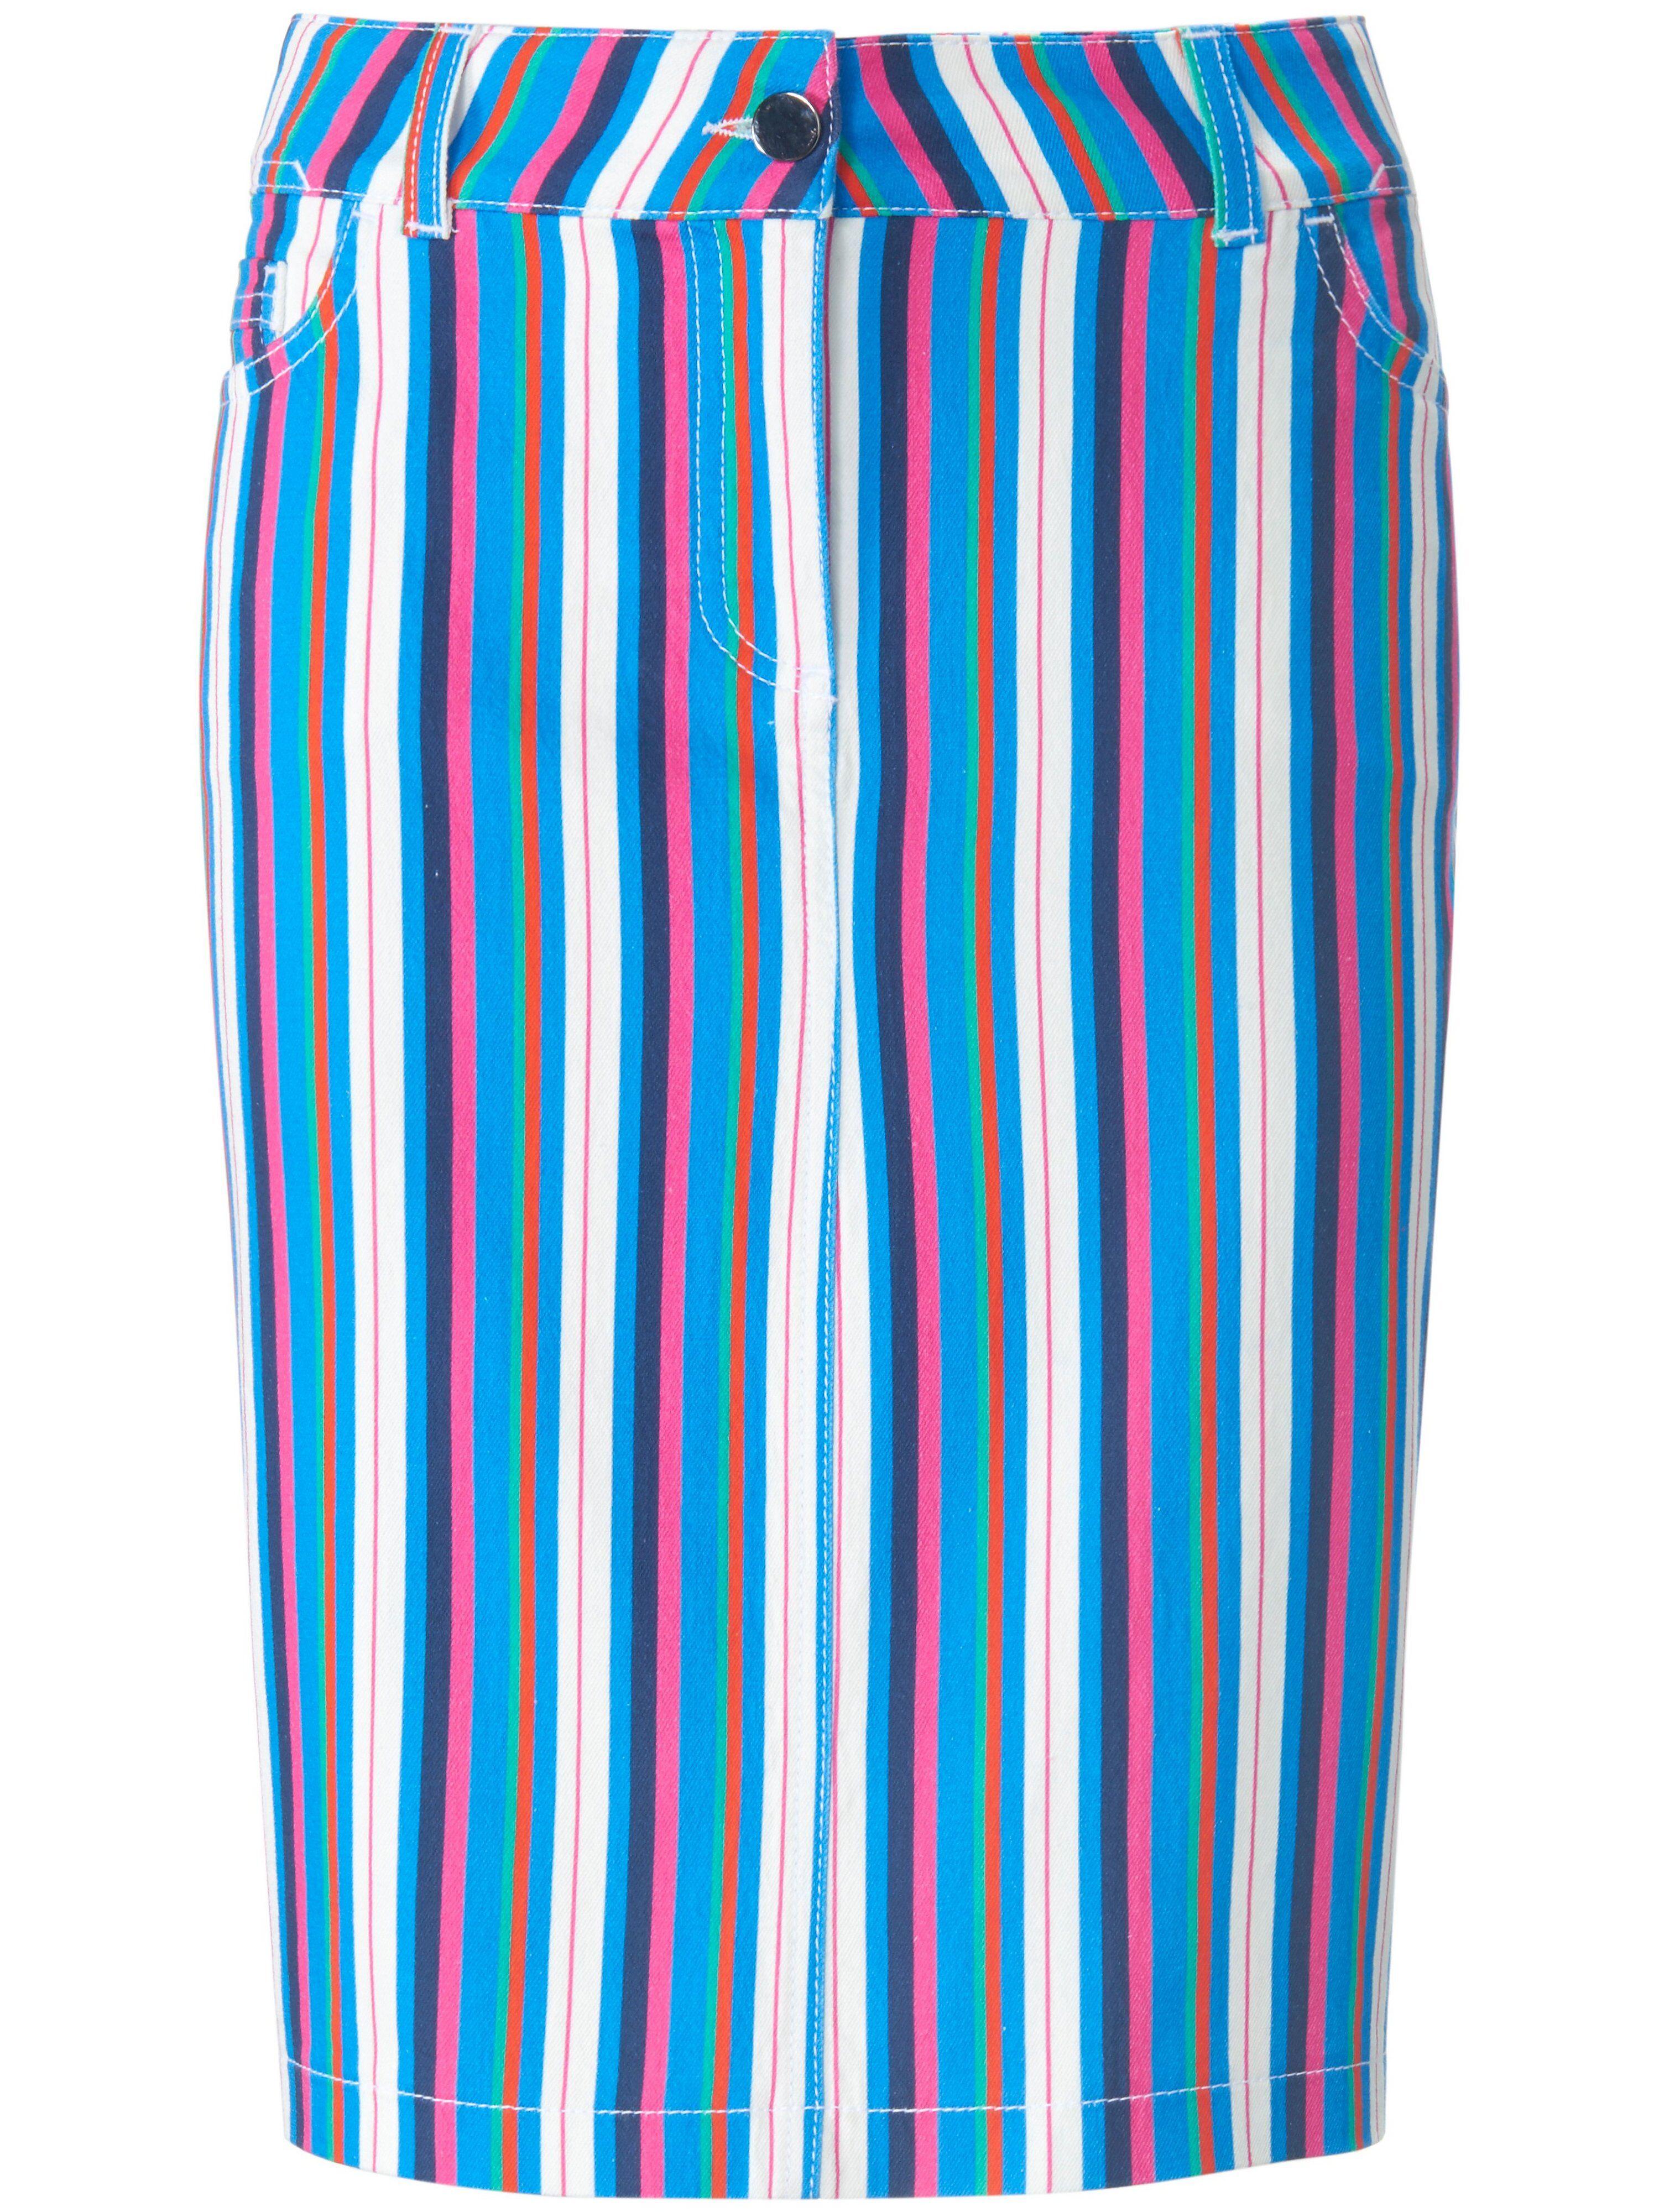 Looxent La jupe ligne droite  Looxent multicolore  - Femme - 38